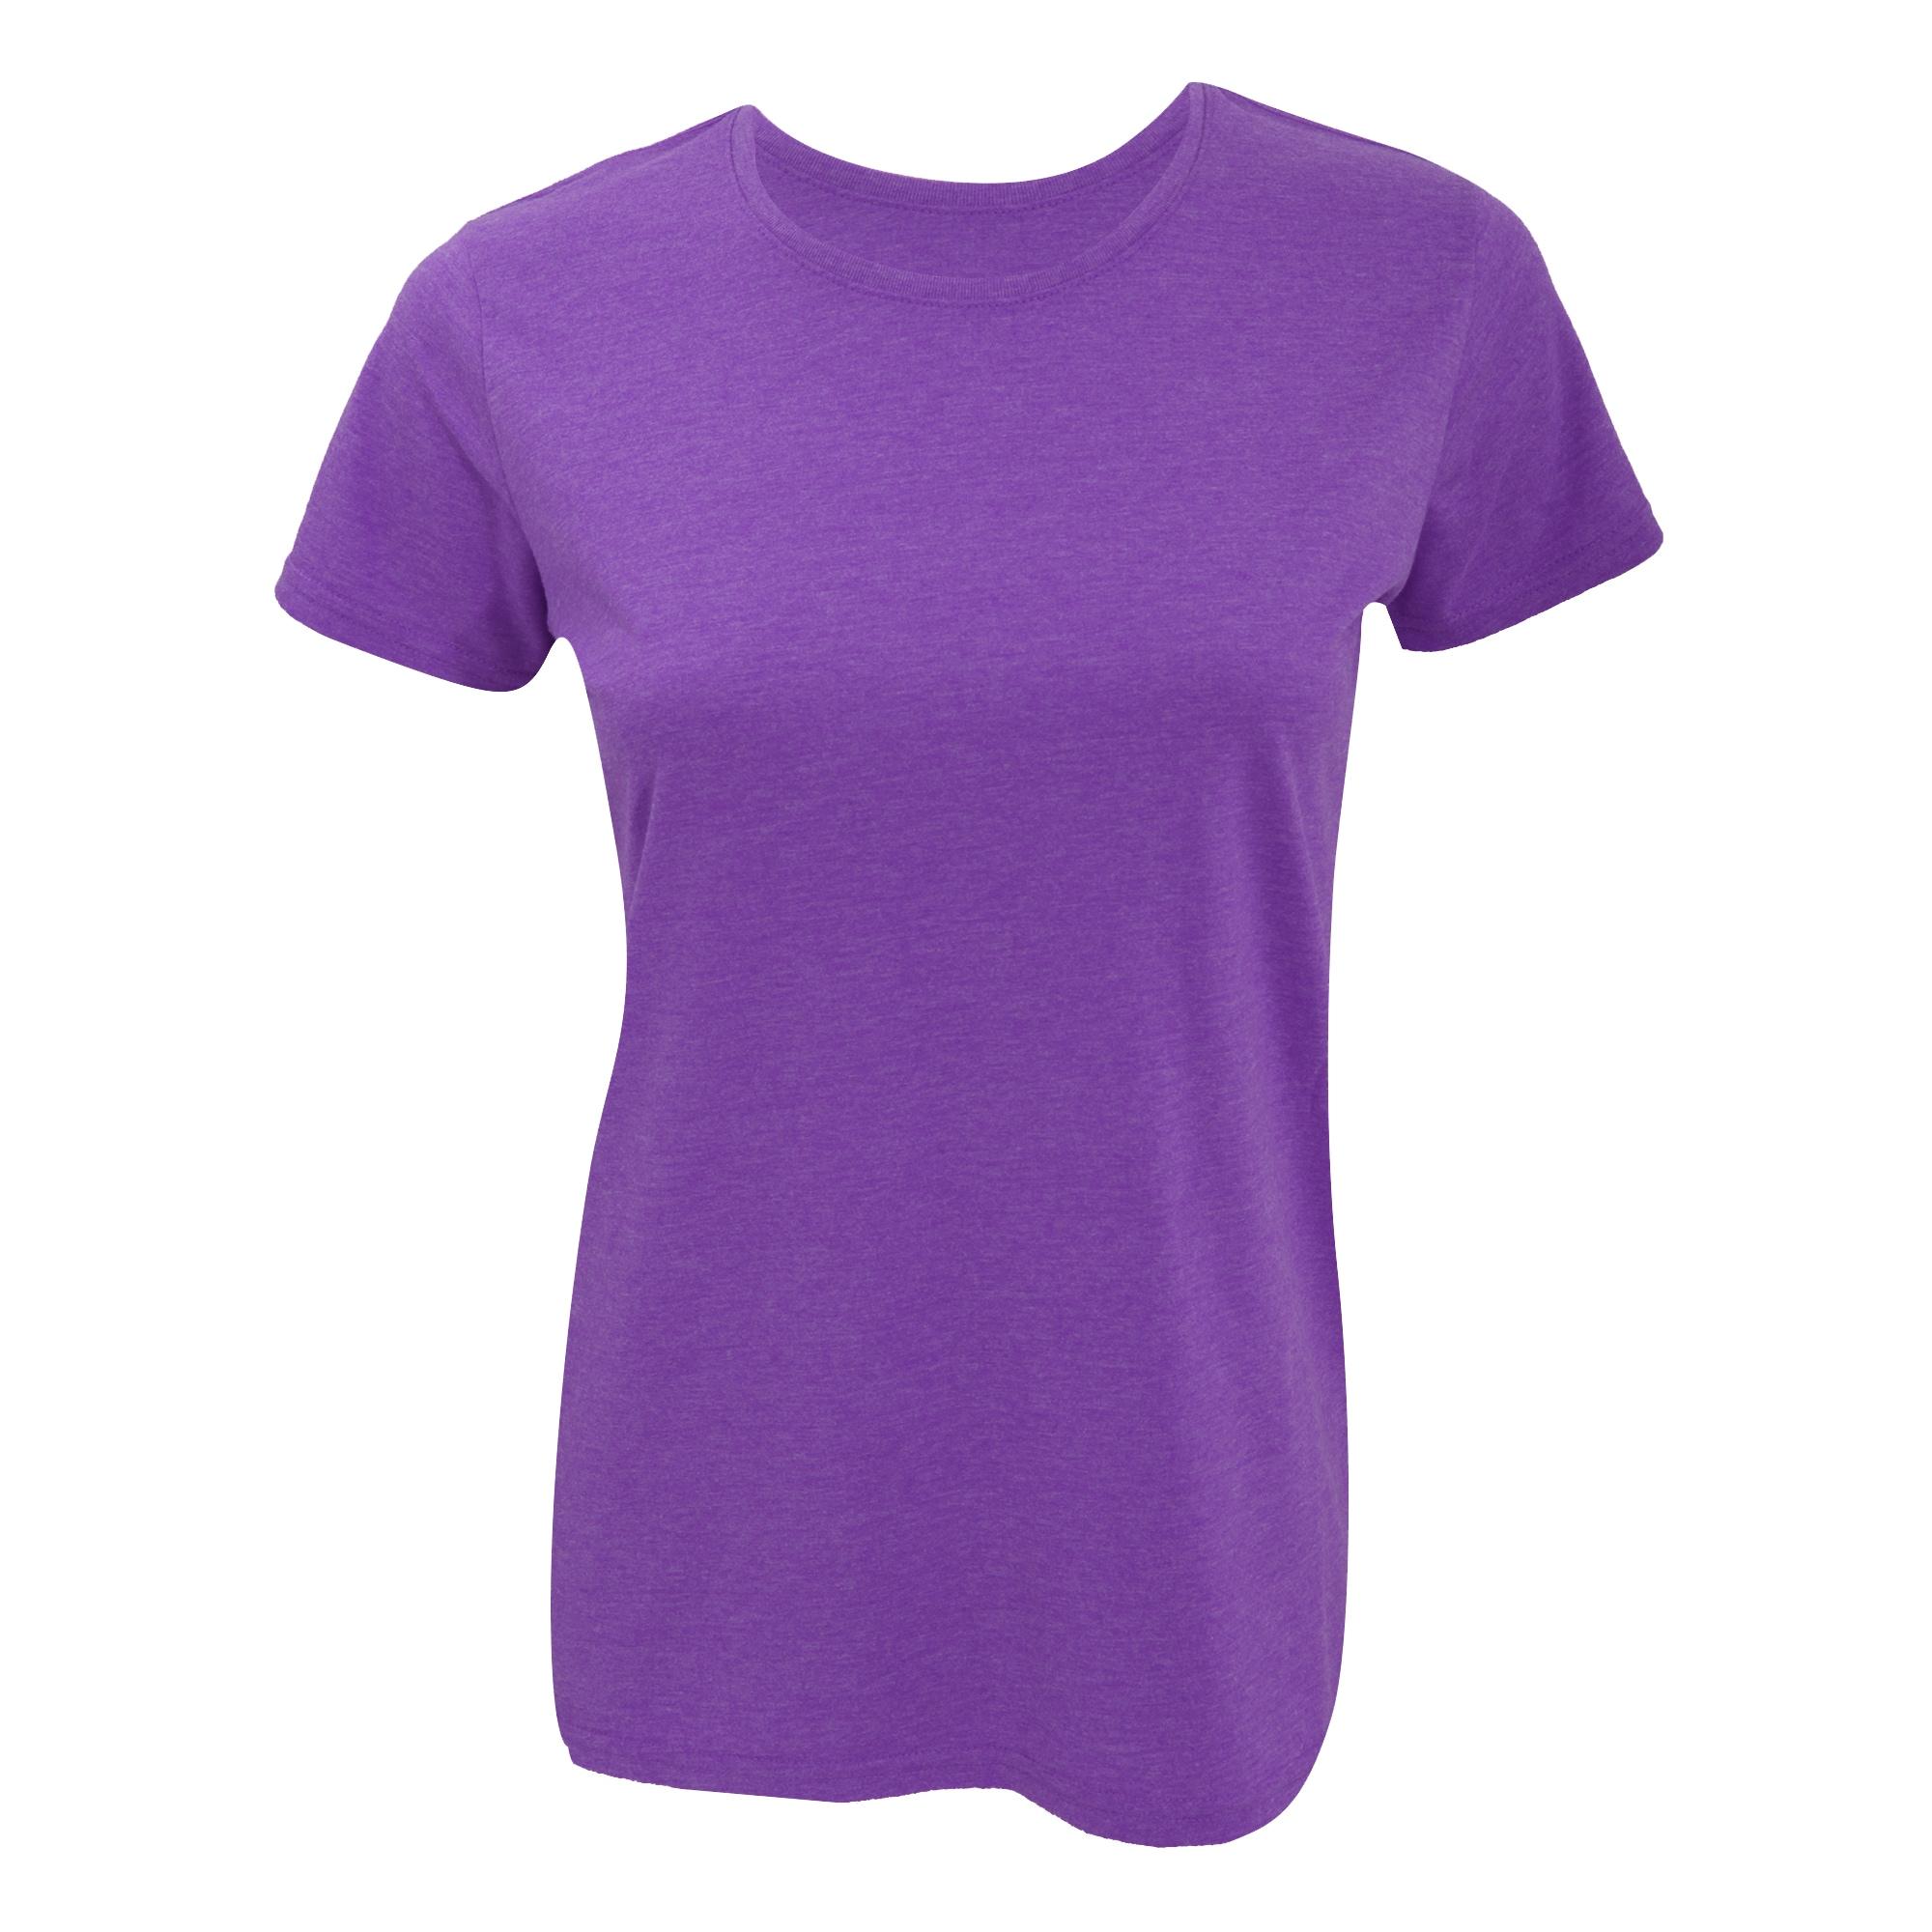 Russell T-Shirt Damen lange Länge | Bekleidung > Shirts > T-Shirts | Russell